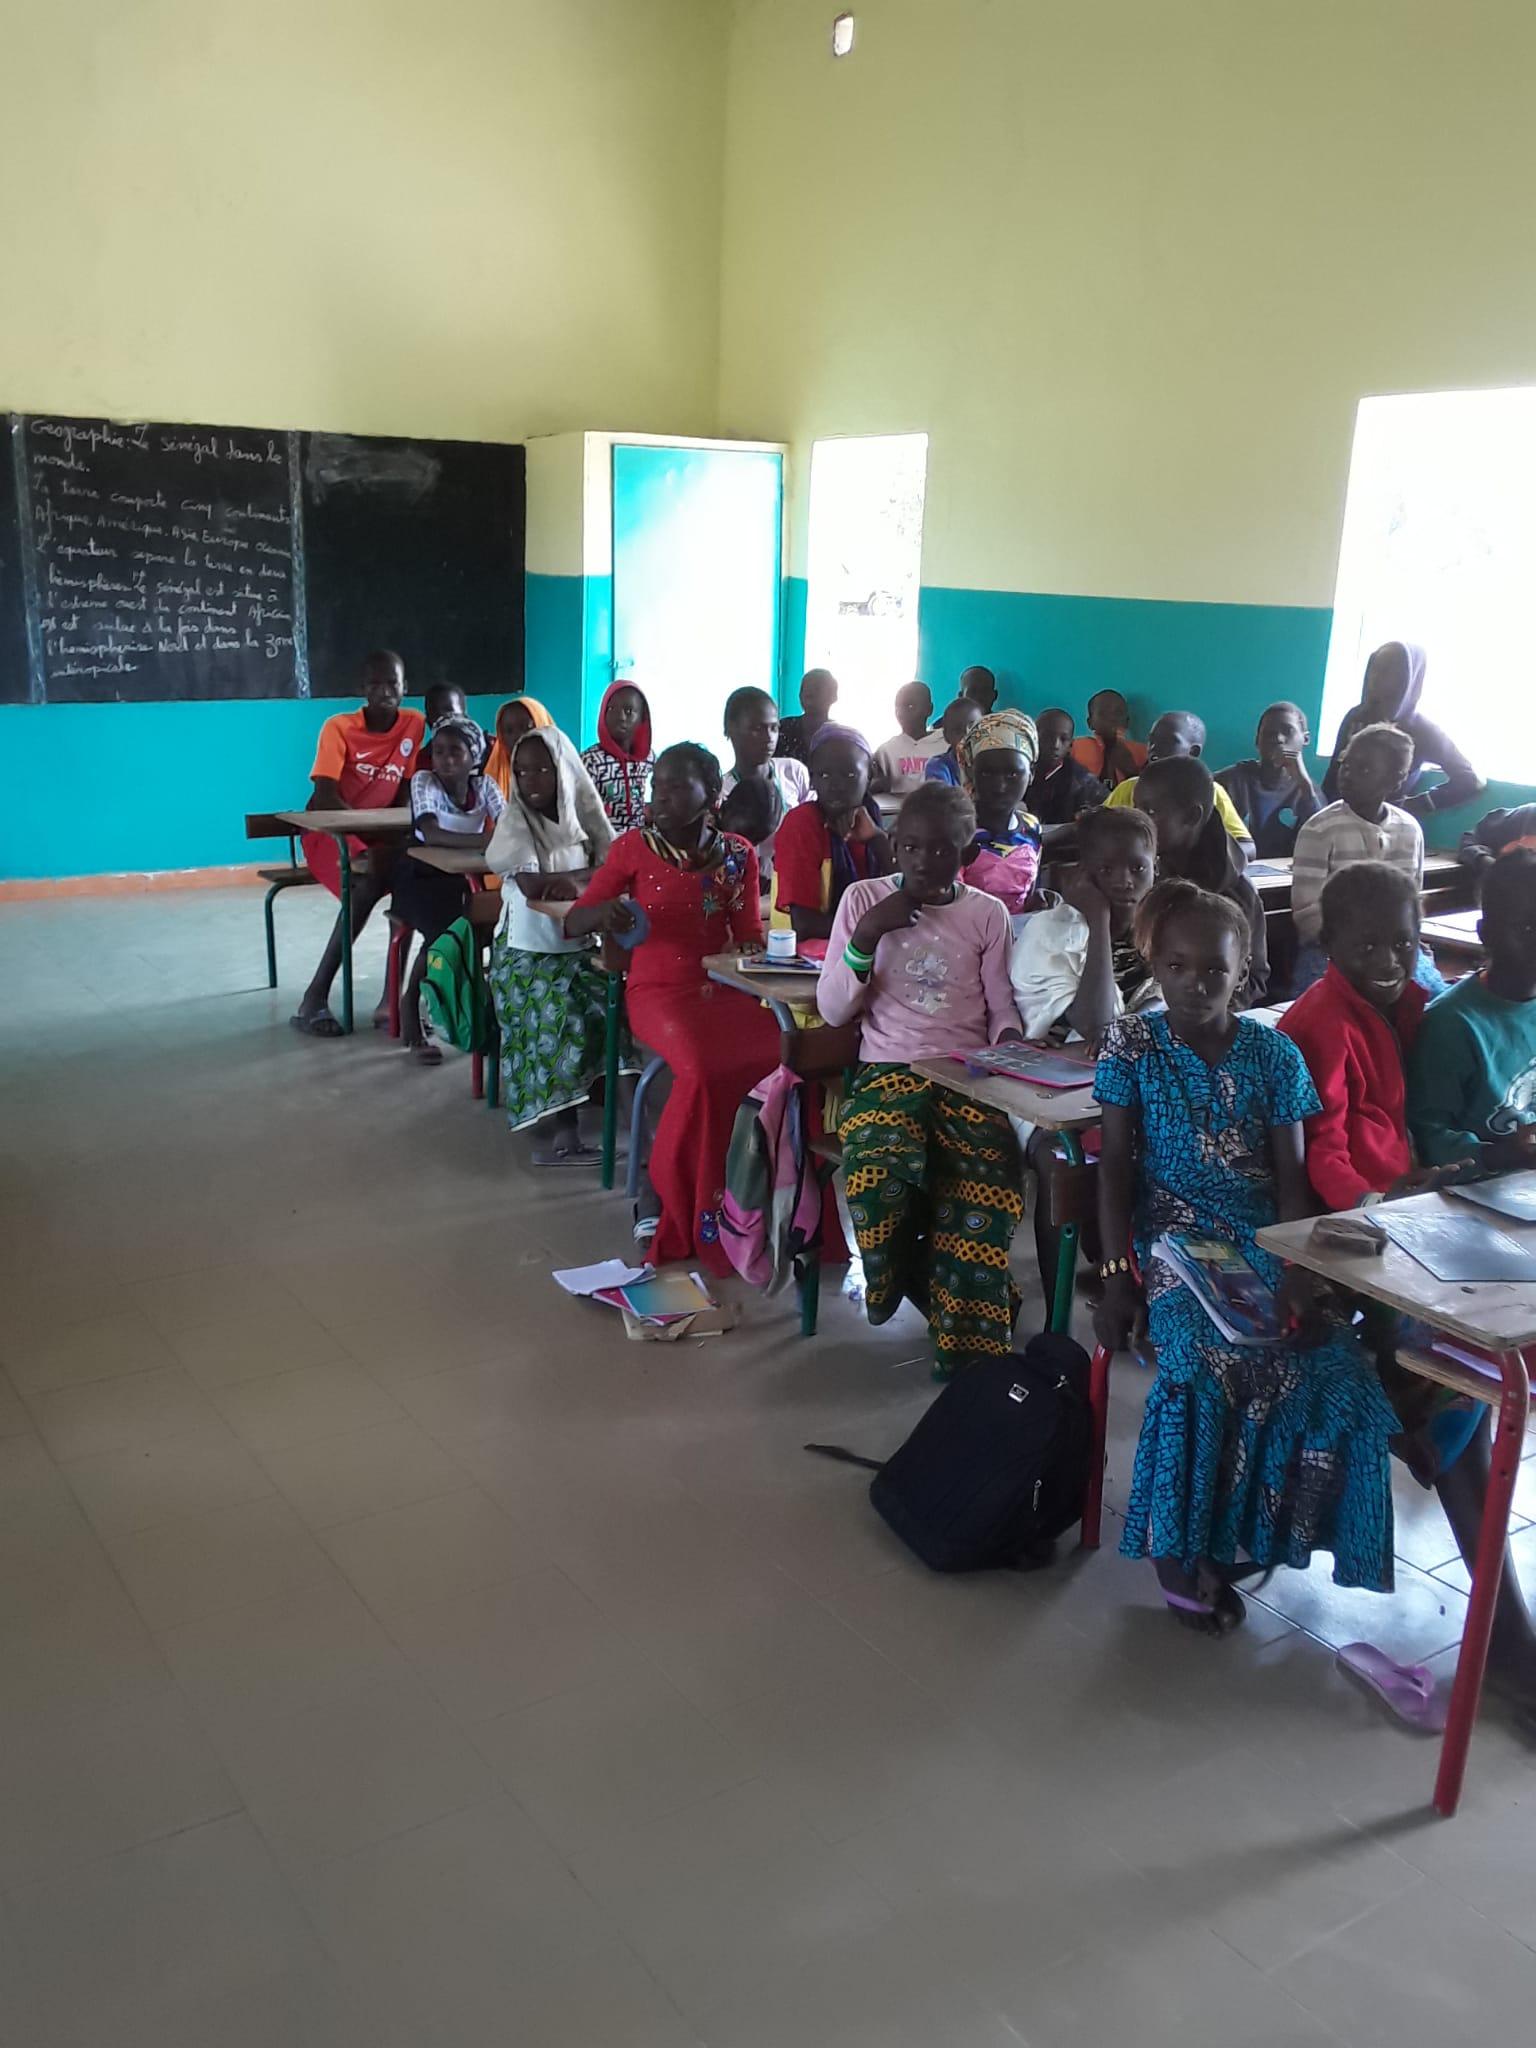 Unterricht im renovierten Schulgebäude (das 2.)